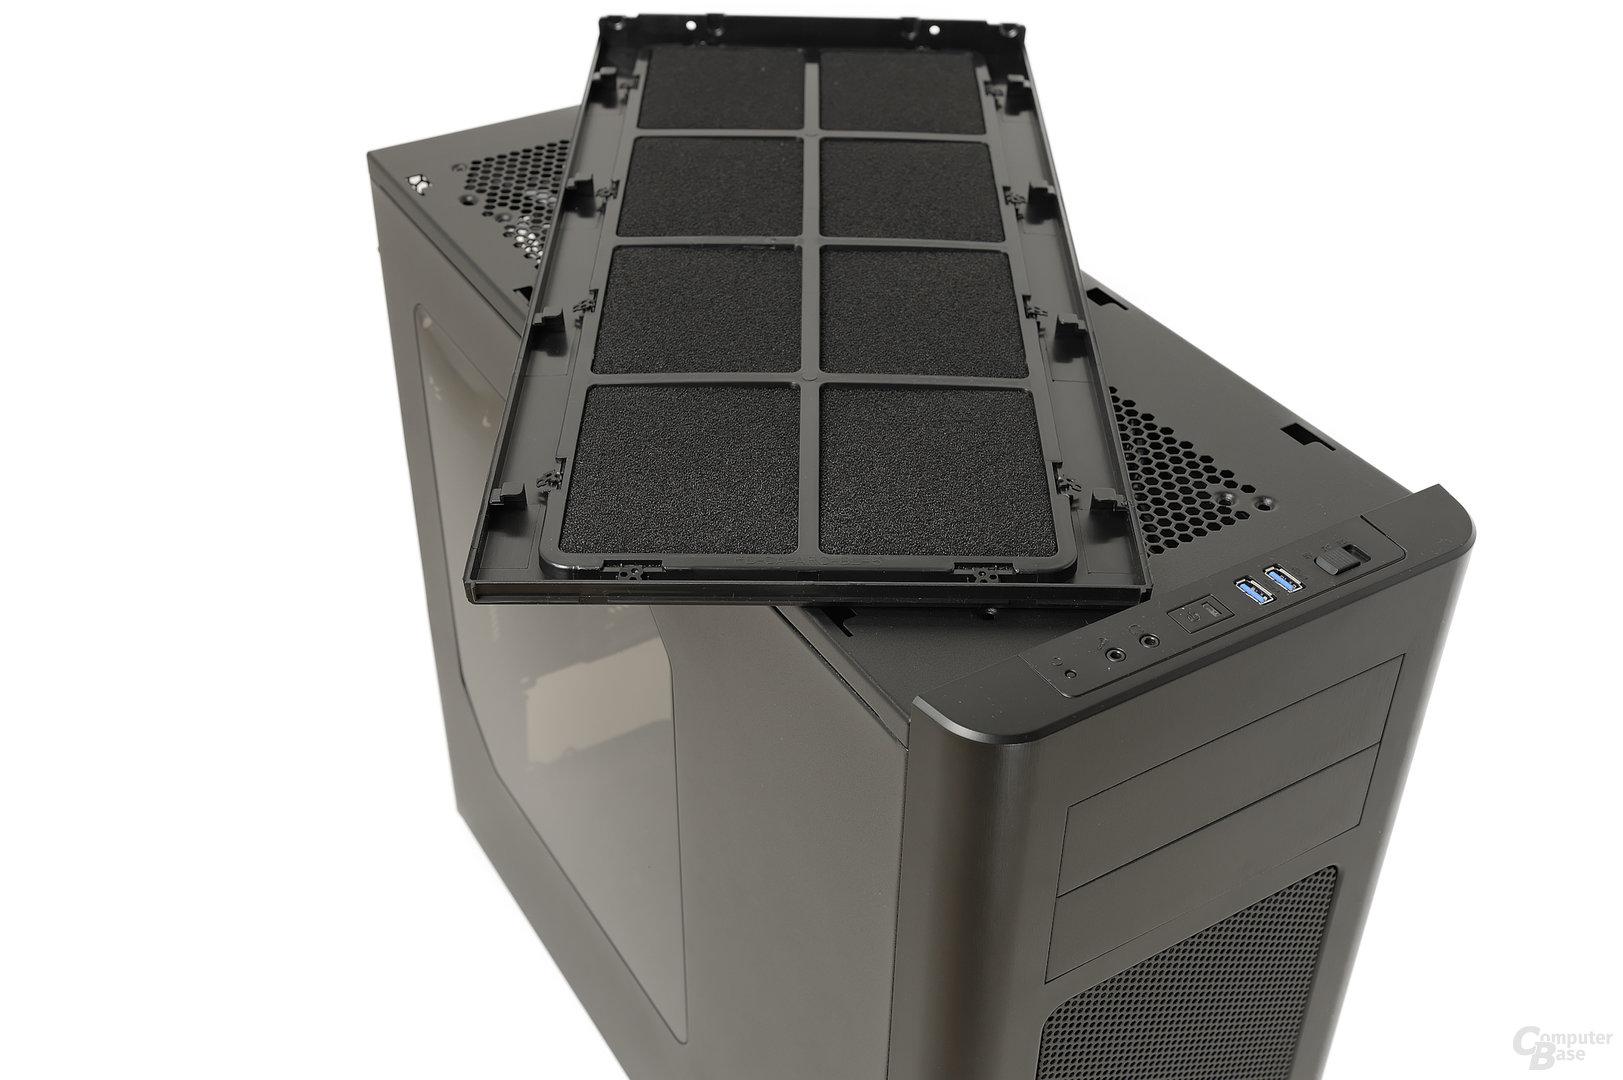 Fractal Design Arc Midi R2 - Topverkleidung abgenommen